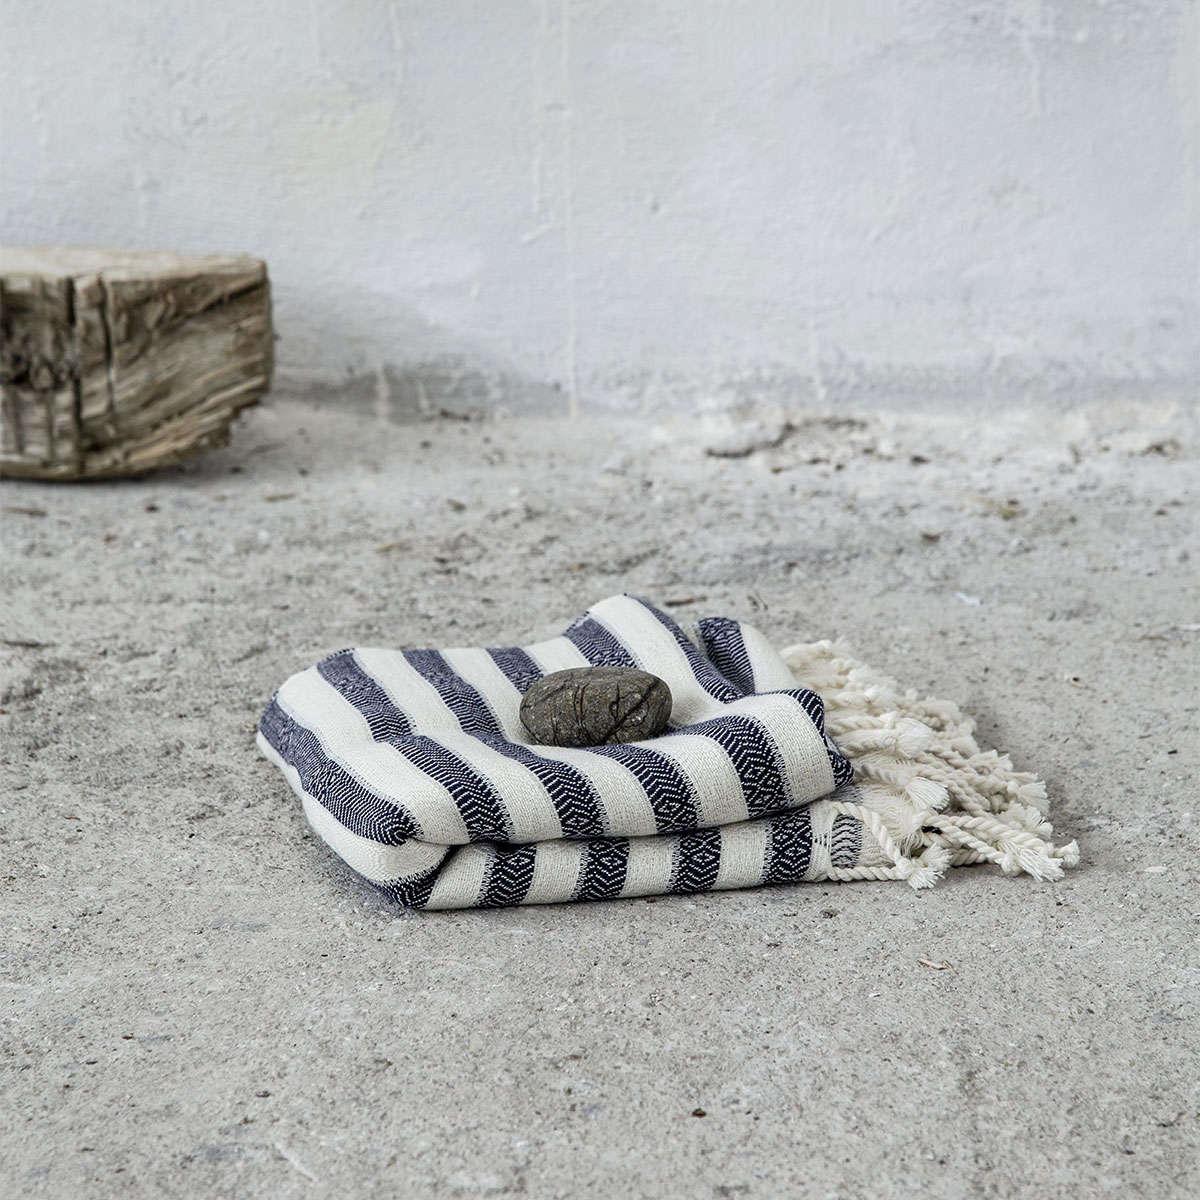 Πετσέτα Θαλάσσης – Παρεό – Assort Navy Nima Θαλάσσης 100x170cm